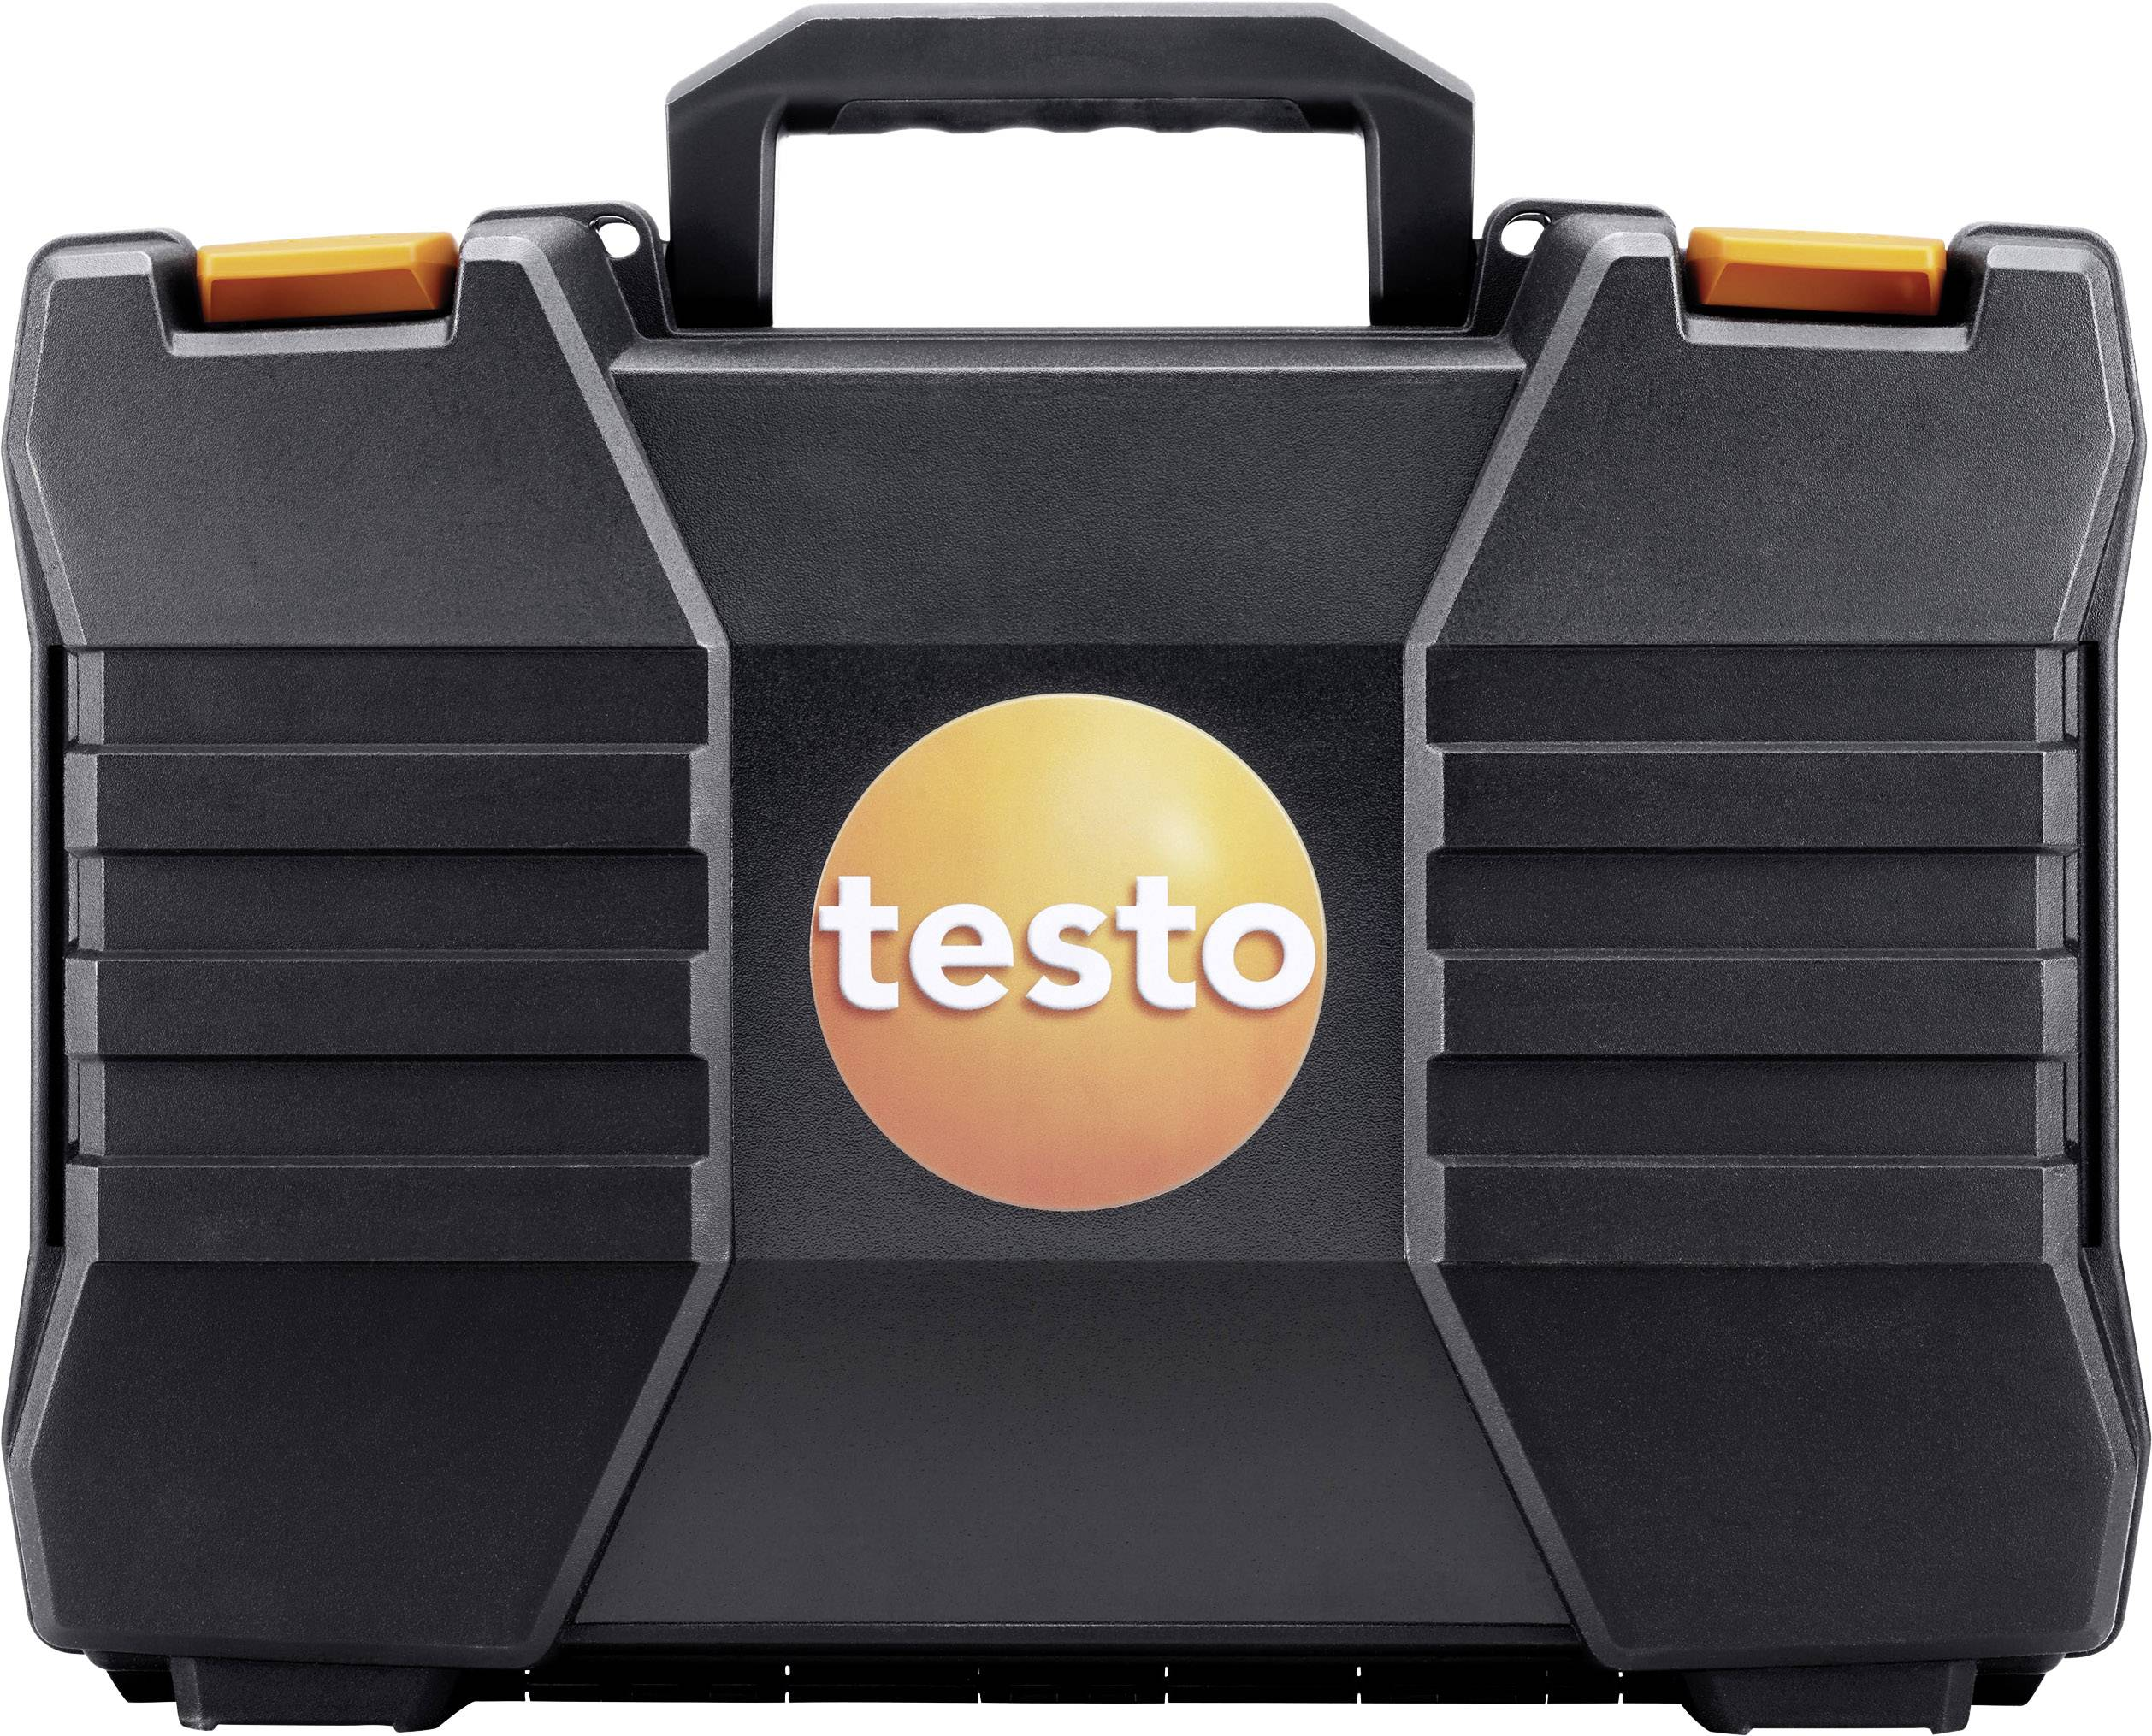 Přepravní kufr pro termokameru testo 870 testo 0516 0872 0516 0872 vhodný pro testo 870